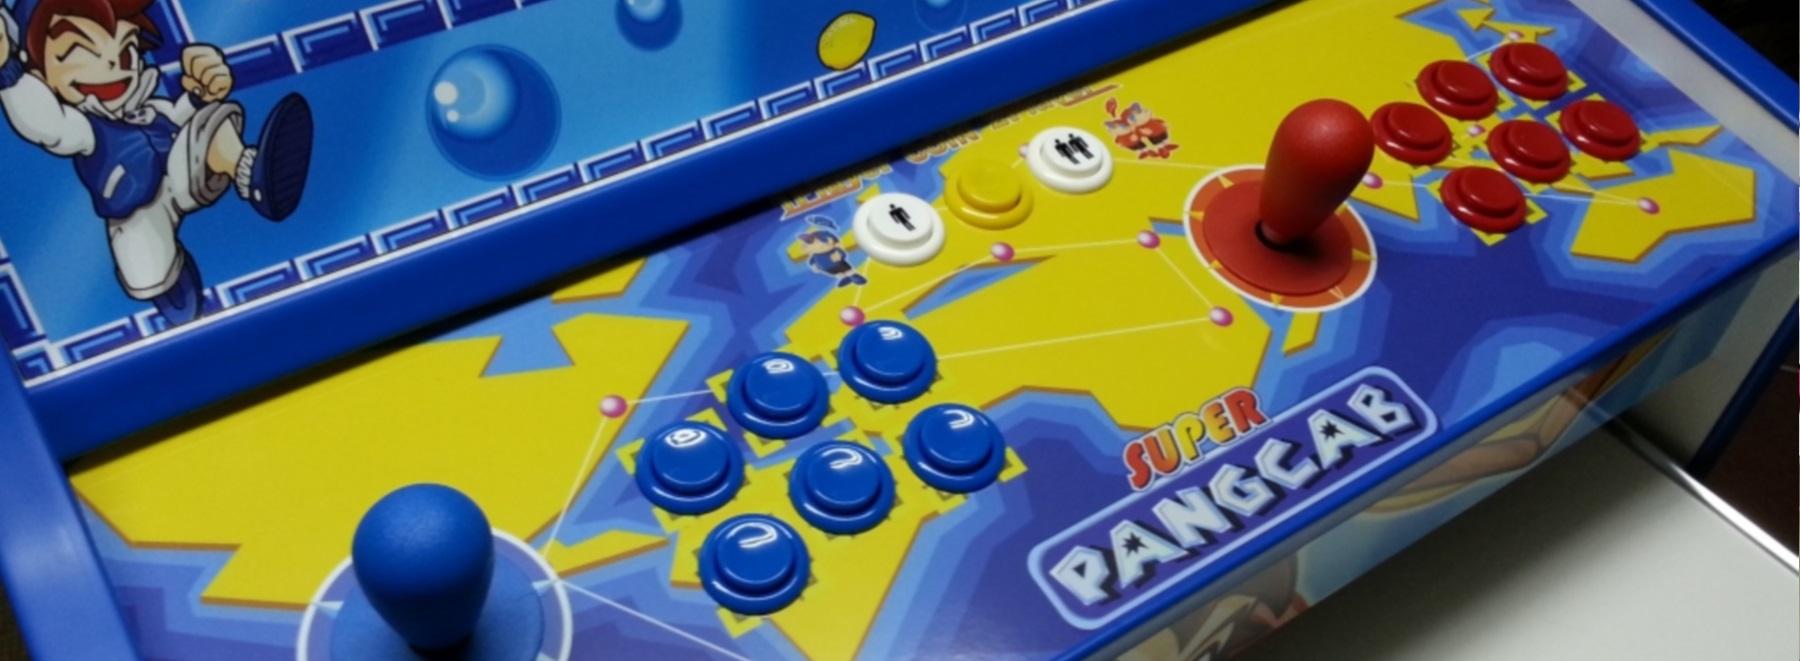 Pang CAB (diseñada por Lord Hiryu)